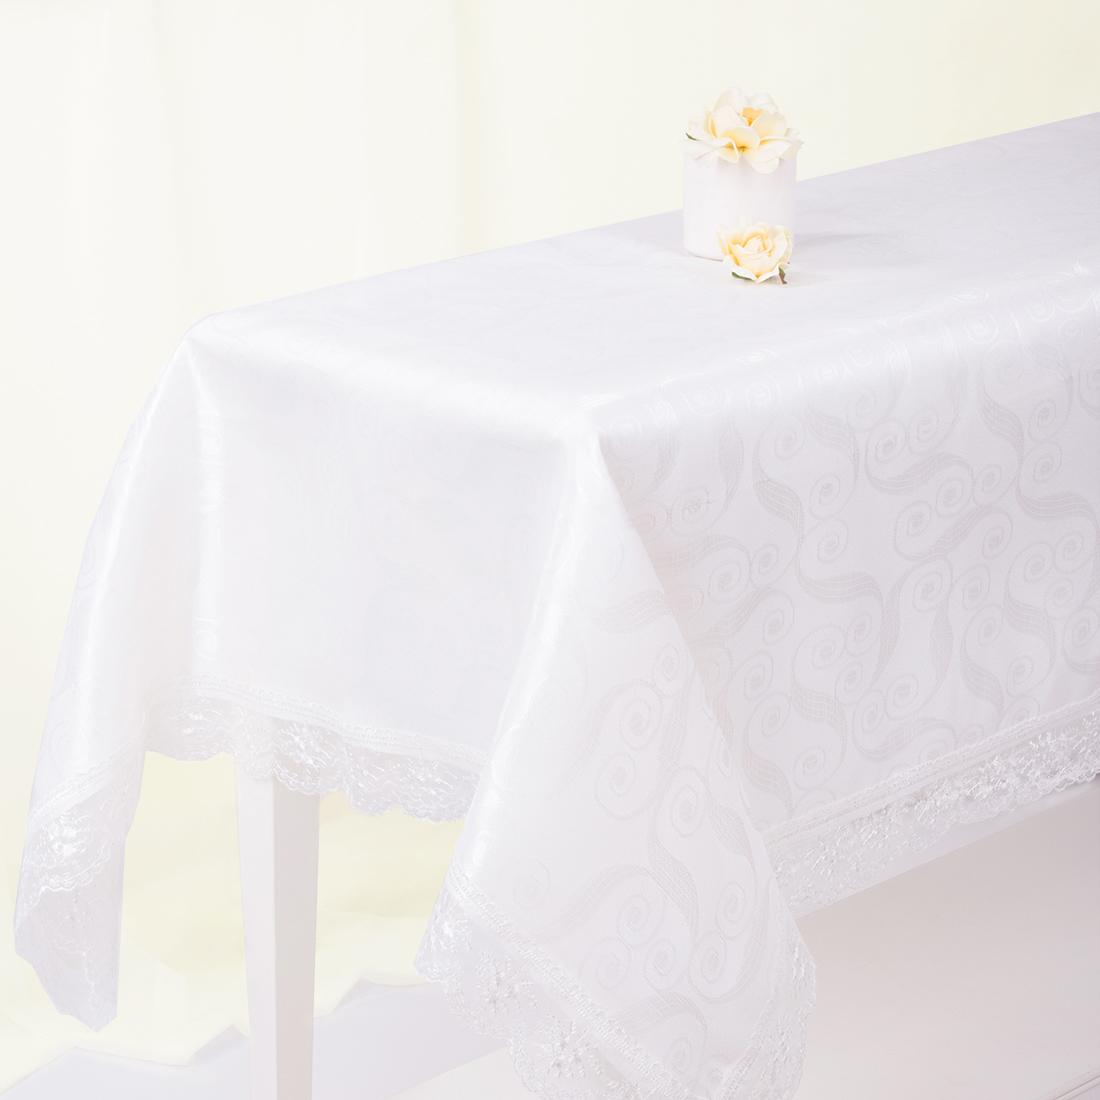 Скатерти и салфетки Eleganta Скатерть Ainslie Цвет: Молочный (160х220 см) скатерти и салфетки karna скатерть leda цвет бордовый круглая 160 см